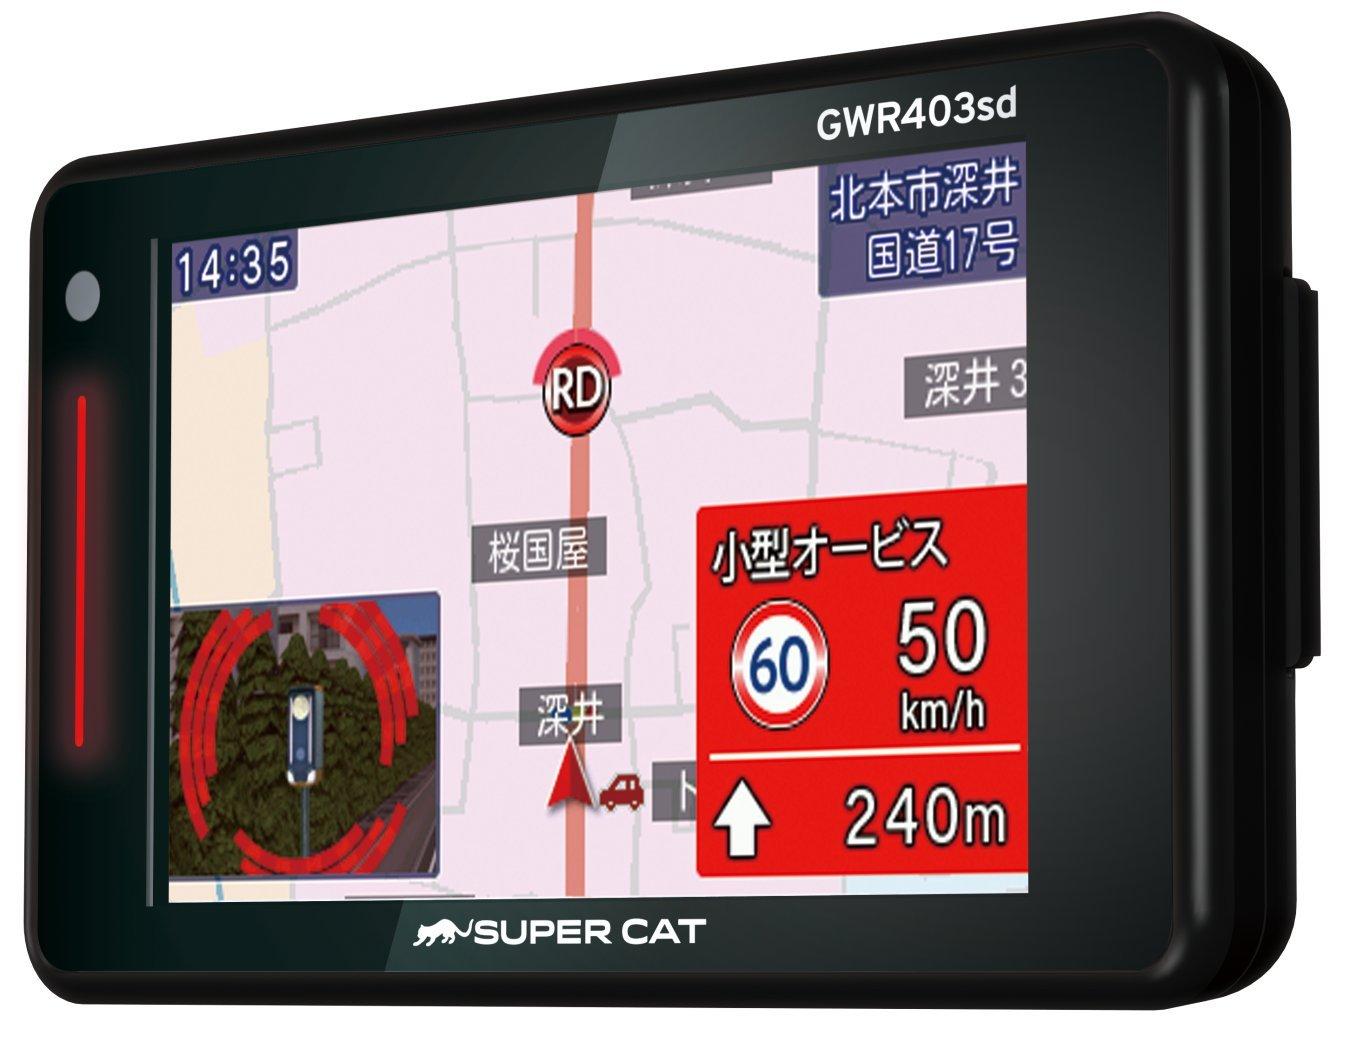 ユピテル 最上位フルマップレーダー探知機 GWR403sd GPSデータ14万件以上 小型オービスレーダー波受信 OBD2接続 GPS 一体型 フルマップ表示 静電式タッチパネル<br />